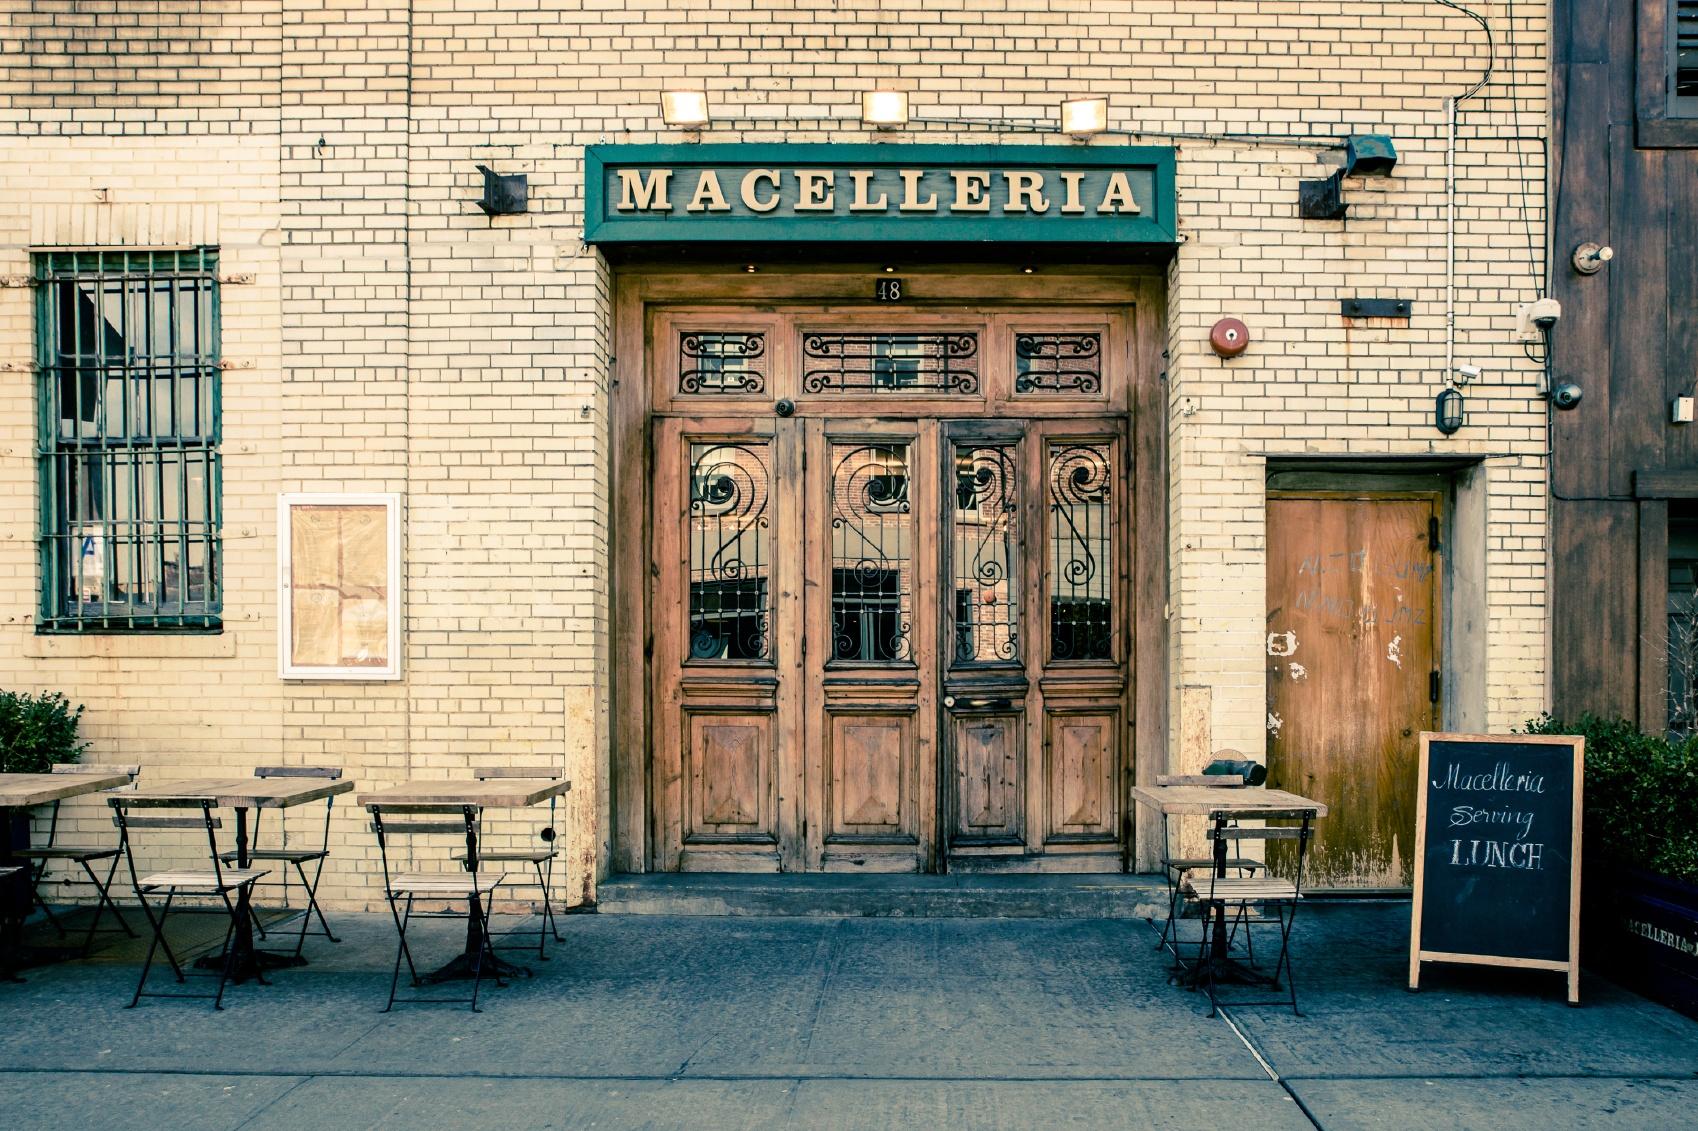 Qu se entiende por un dise o de restaurantes vintage for Que se entiende por arquitectura